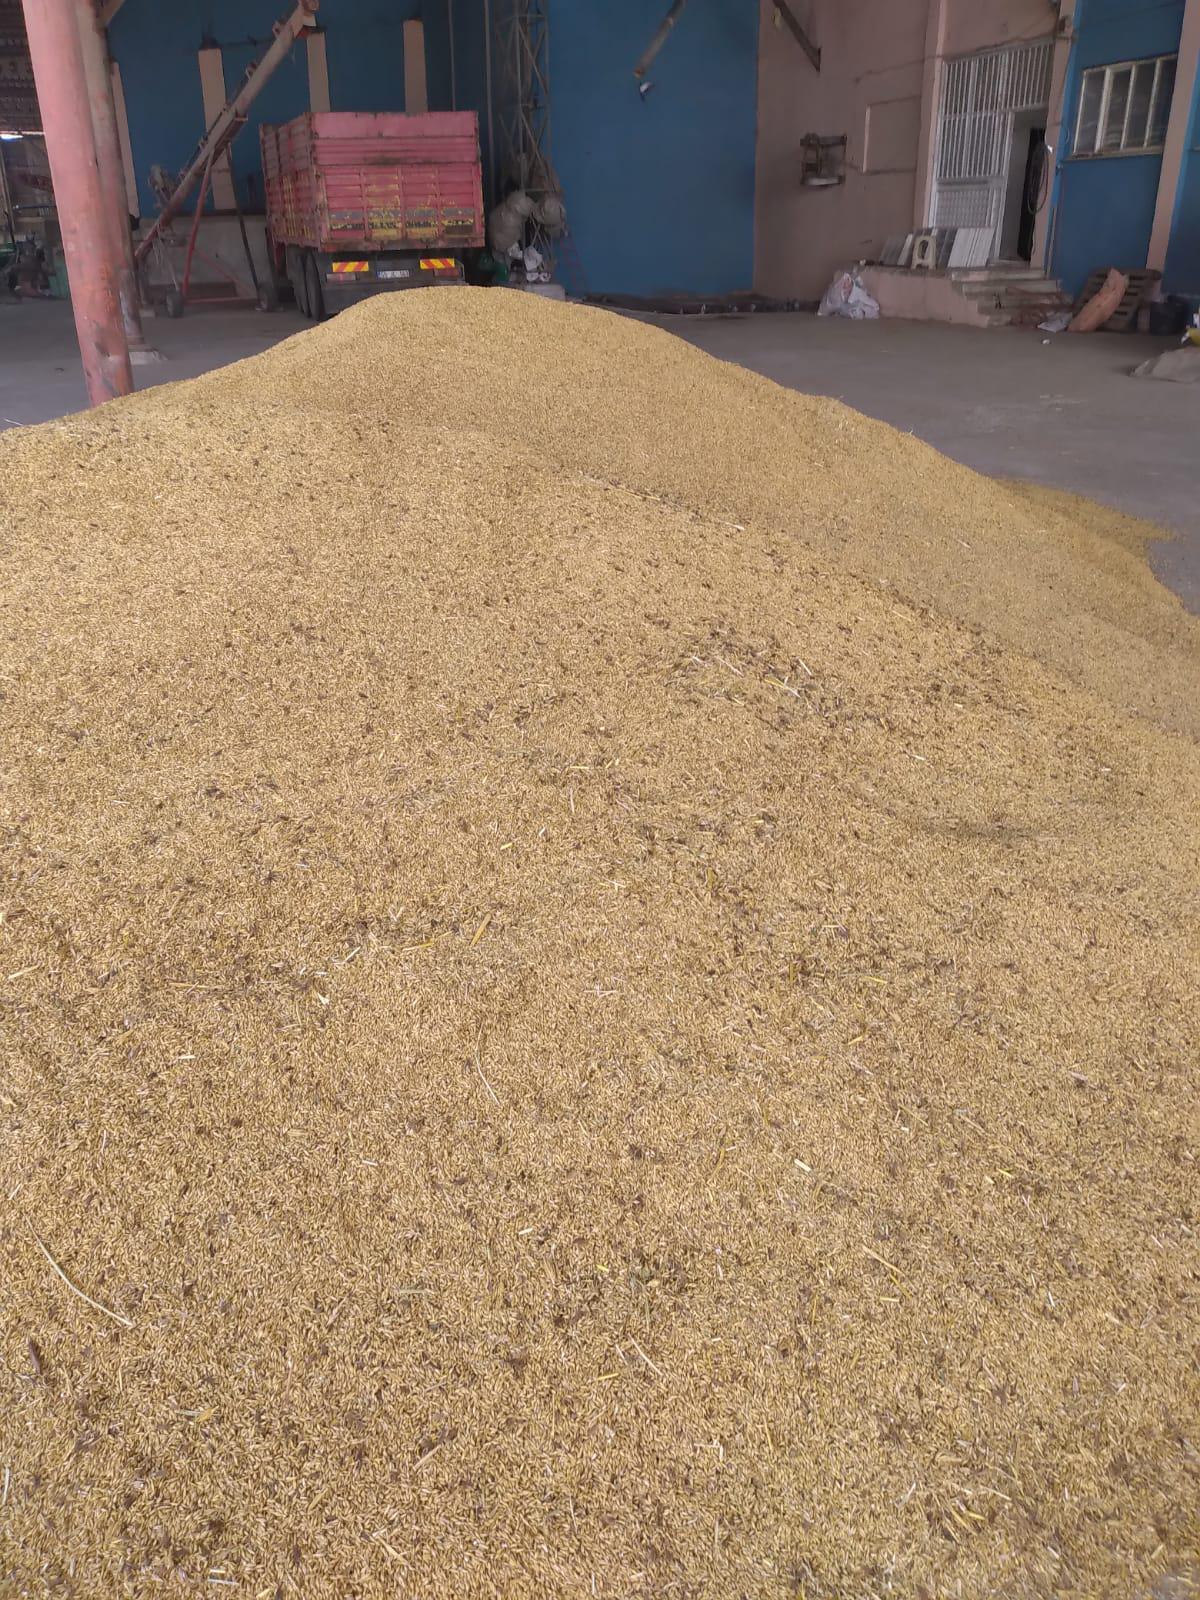 Arpa - Üretici Metin Tosuner 2.5 tl fiyat ile 500 kilogram arpa  satmak istiyor